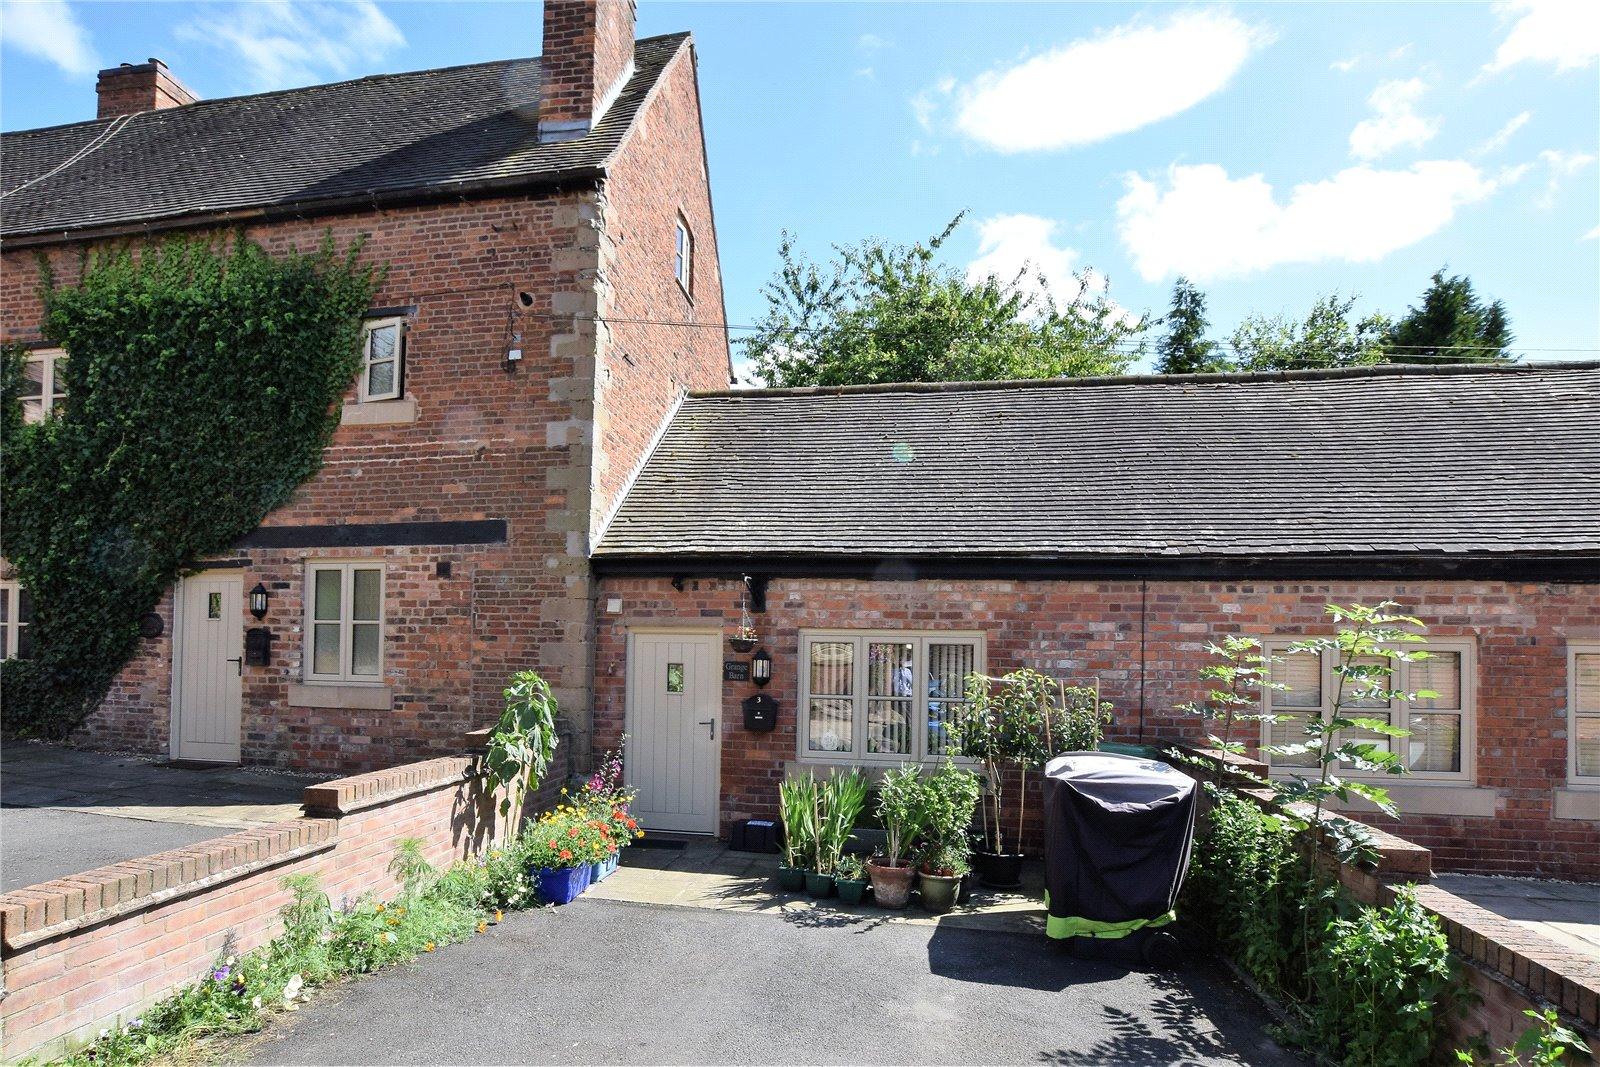 Grange Barn, 3 Stirchley Grange, Stirchley Village, Telford, Shropshire, TF3